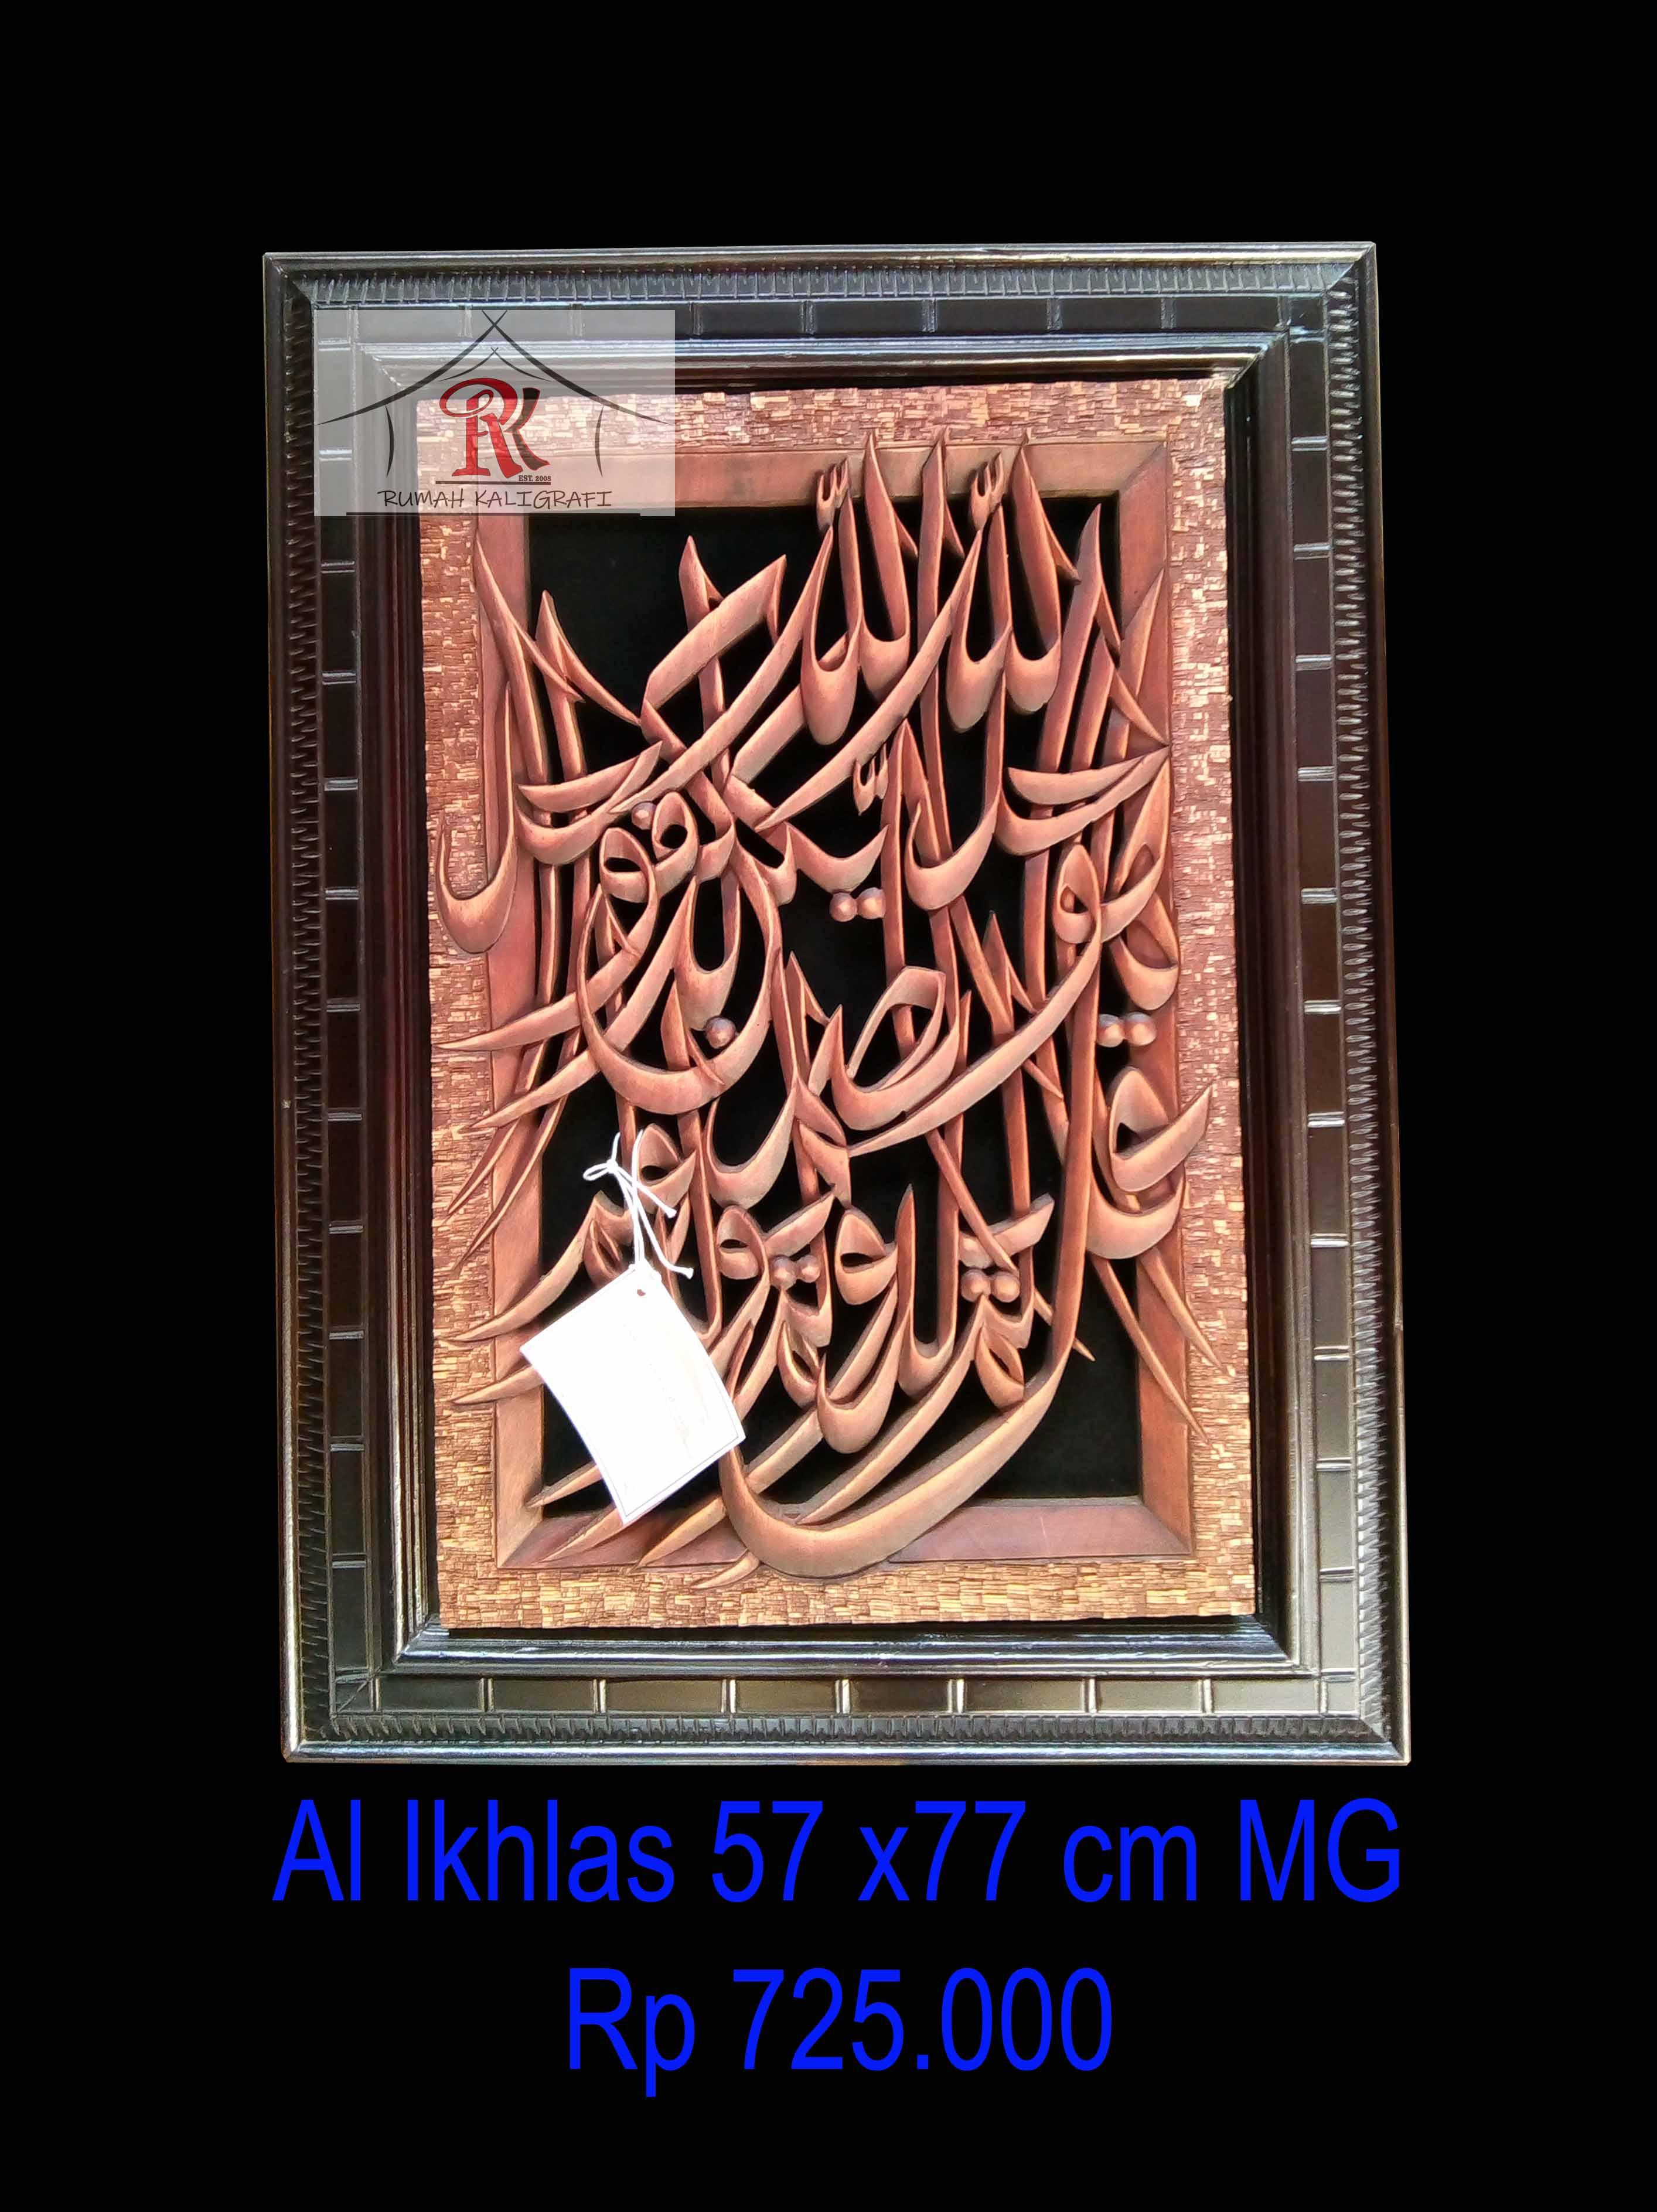 Kaligrafi Ukir, Kaligrafi Al Ikhlas Model 5